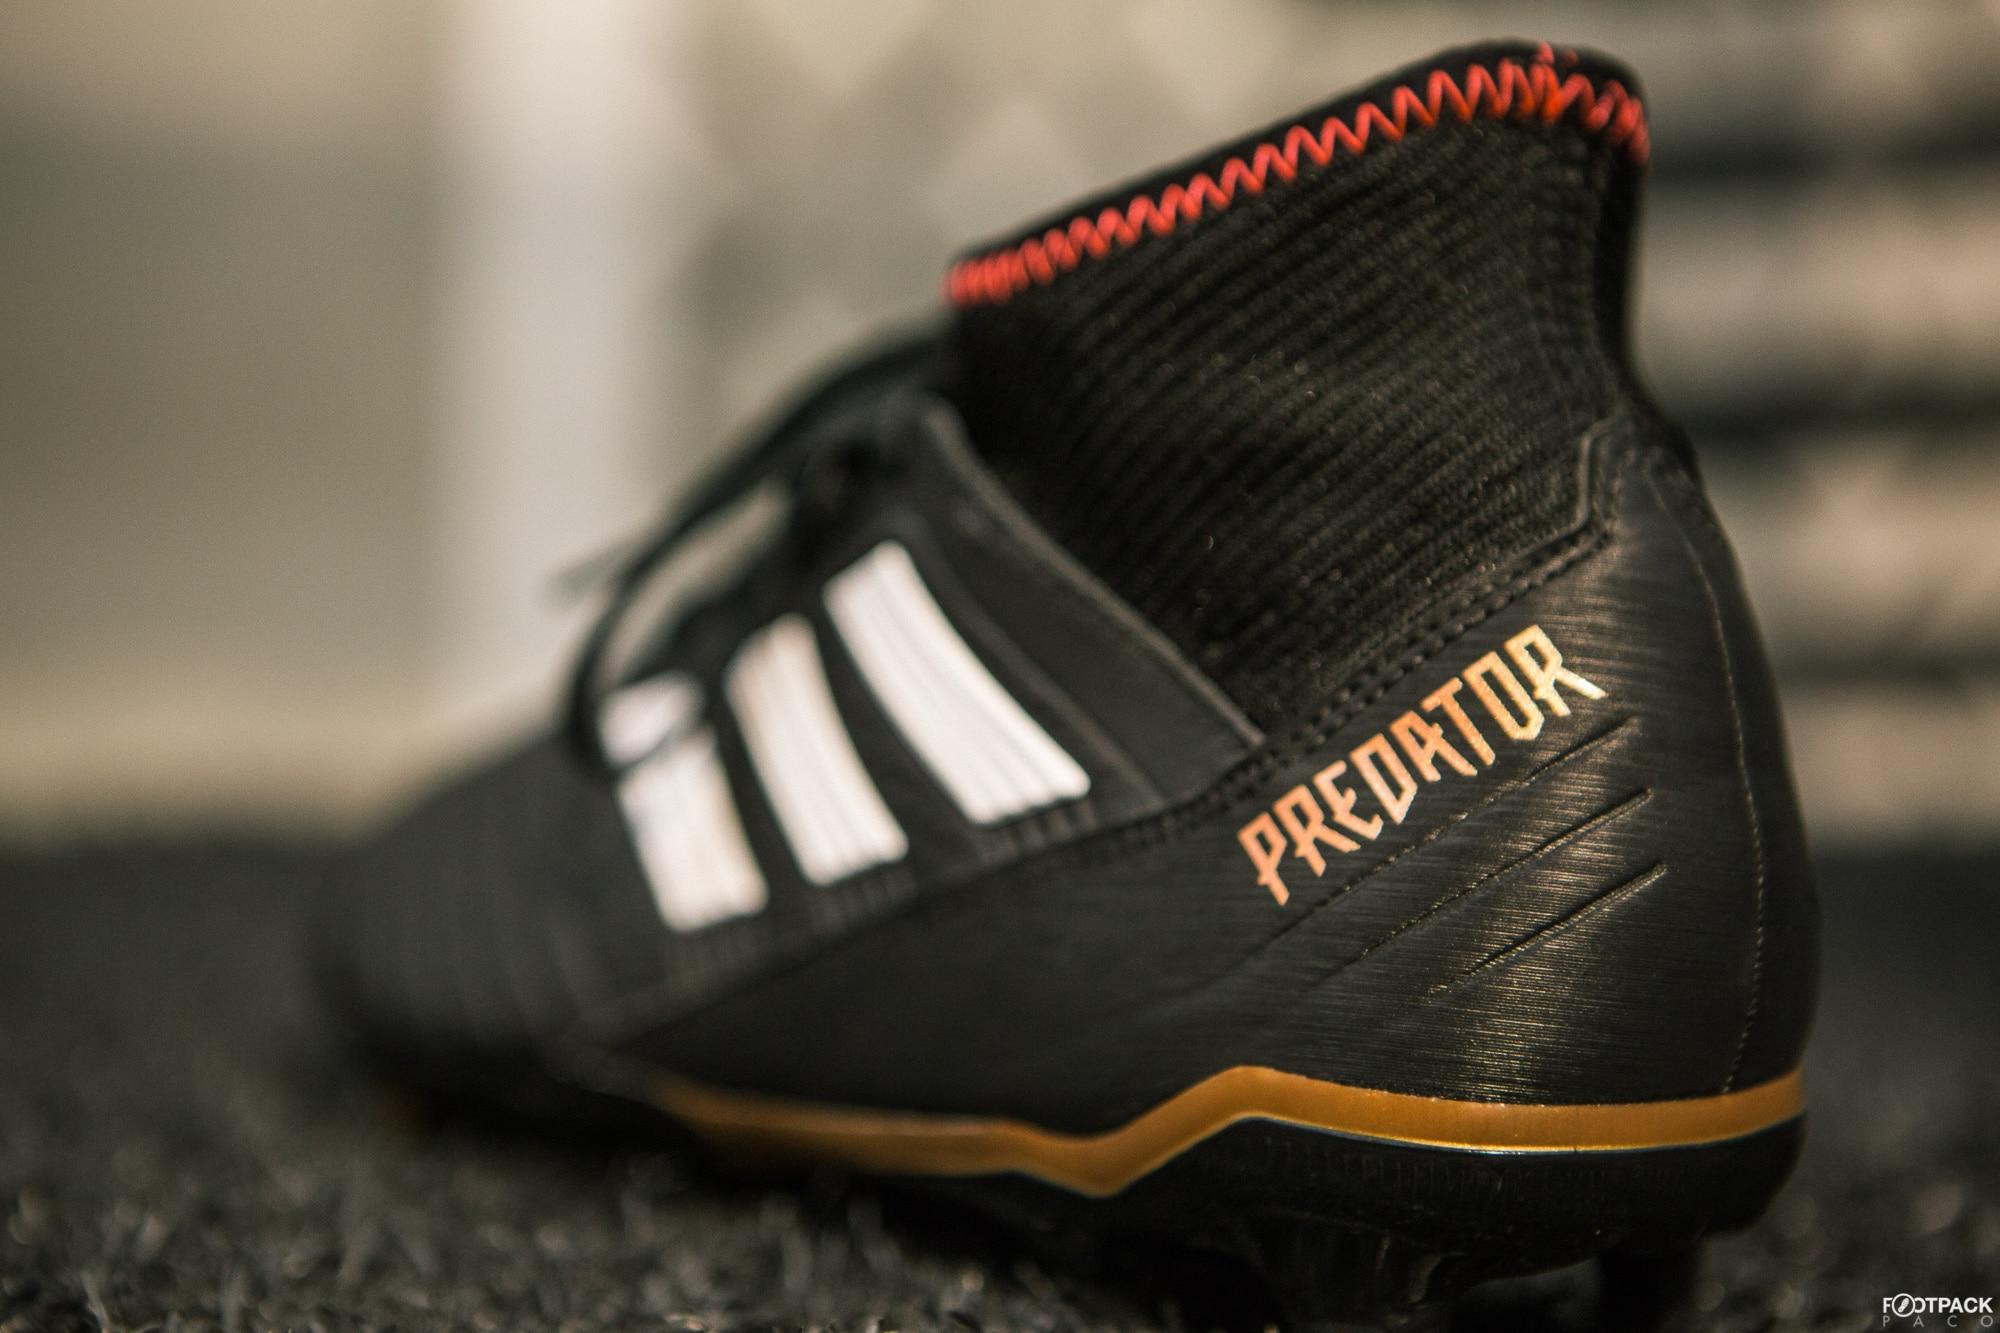 Tout La 18 Predator D'adidas Sur Gamme 35RL4Aj